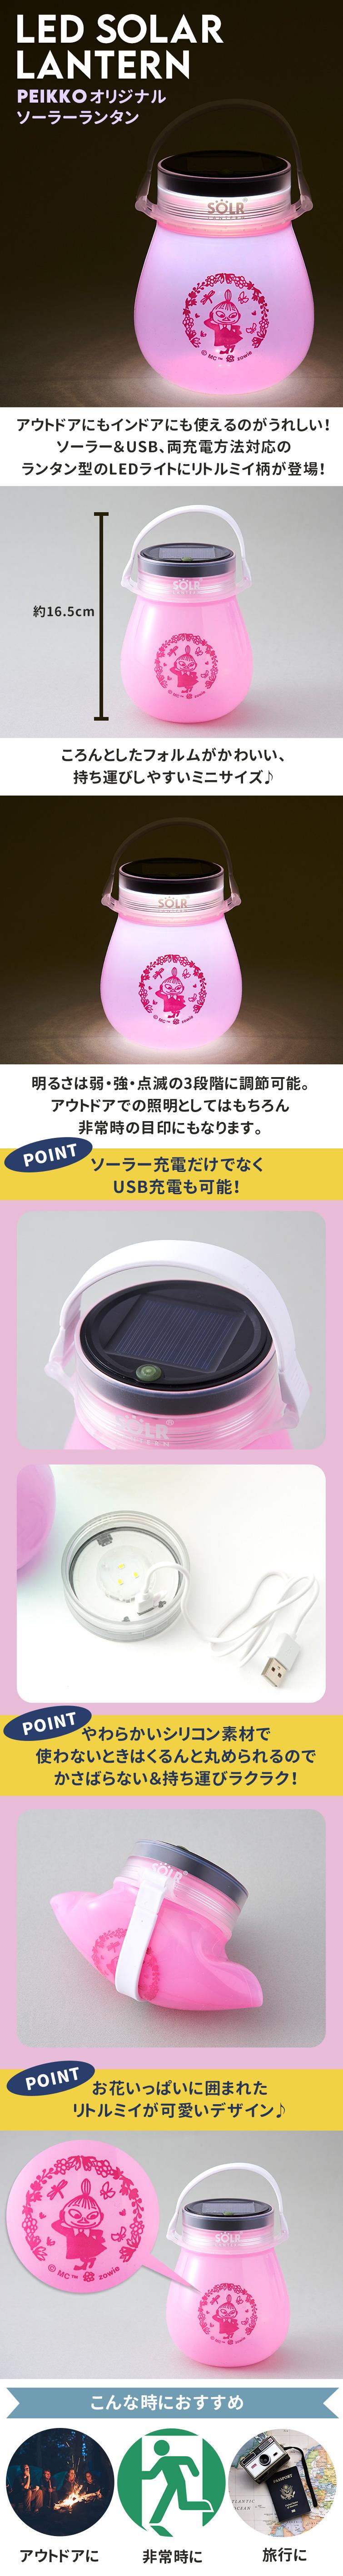 ムーミン公式オンラインショップPEIKKO PEIKKOオリジナル LEDソーラーランタン SOLR